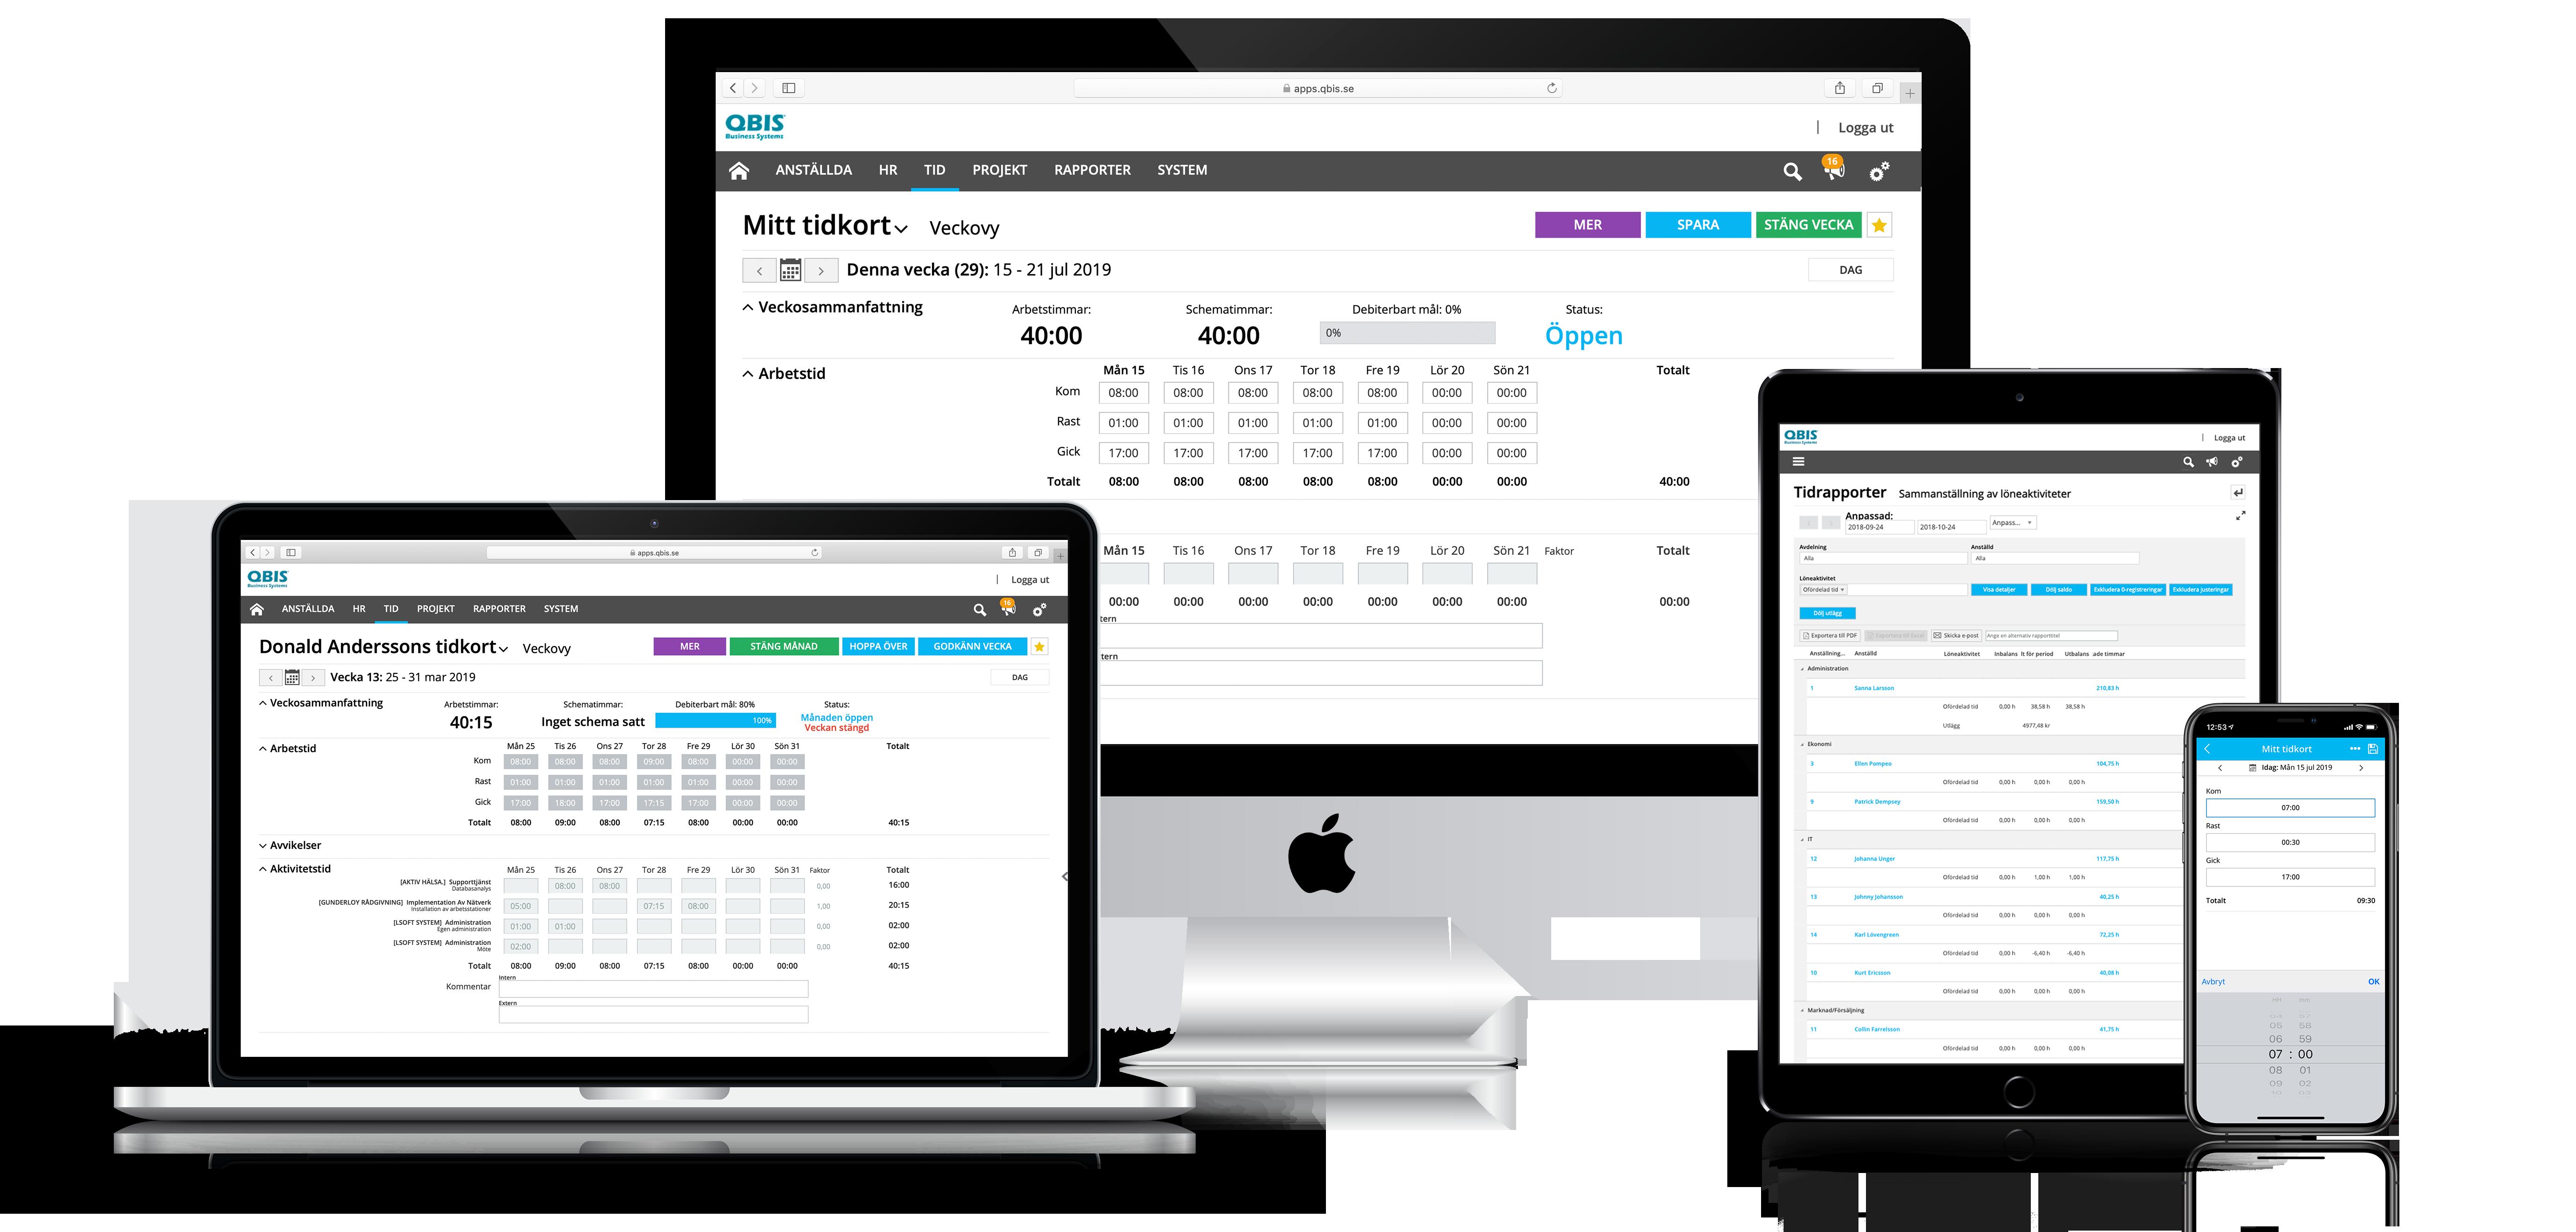 QBIS Tid är tillgängligt på alla typer av enheter